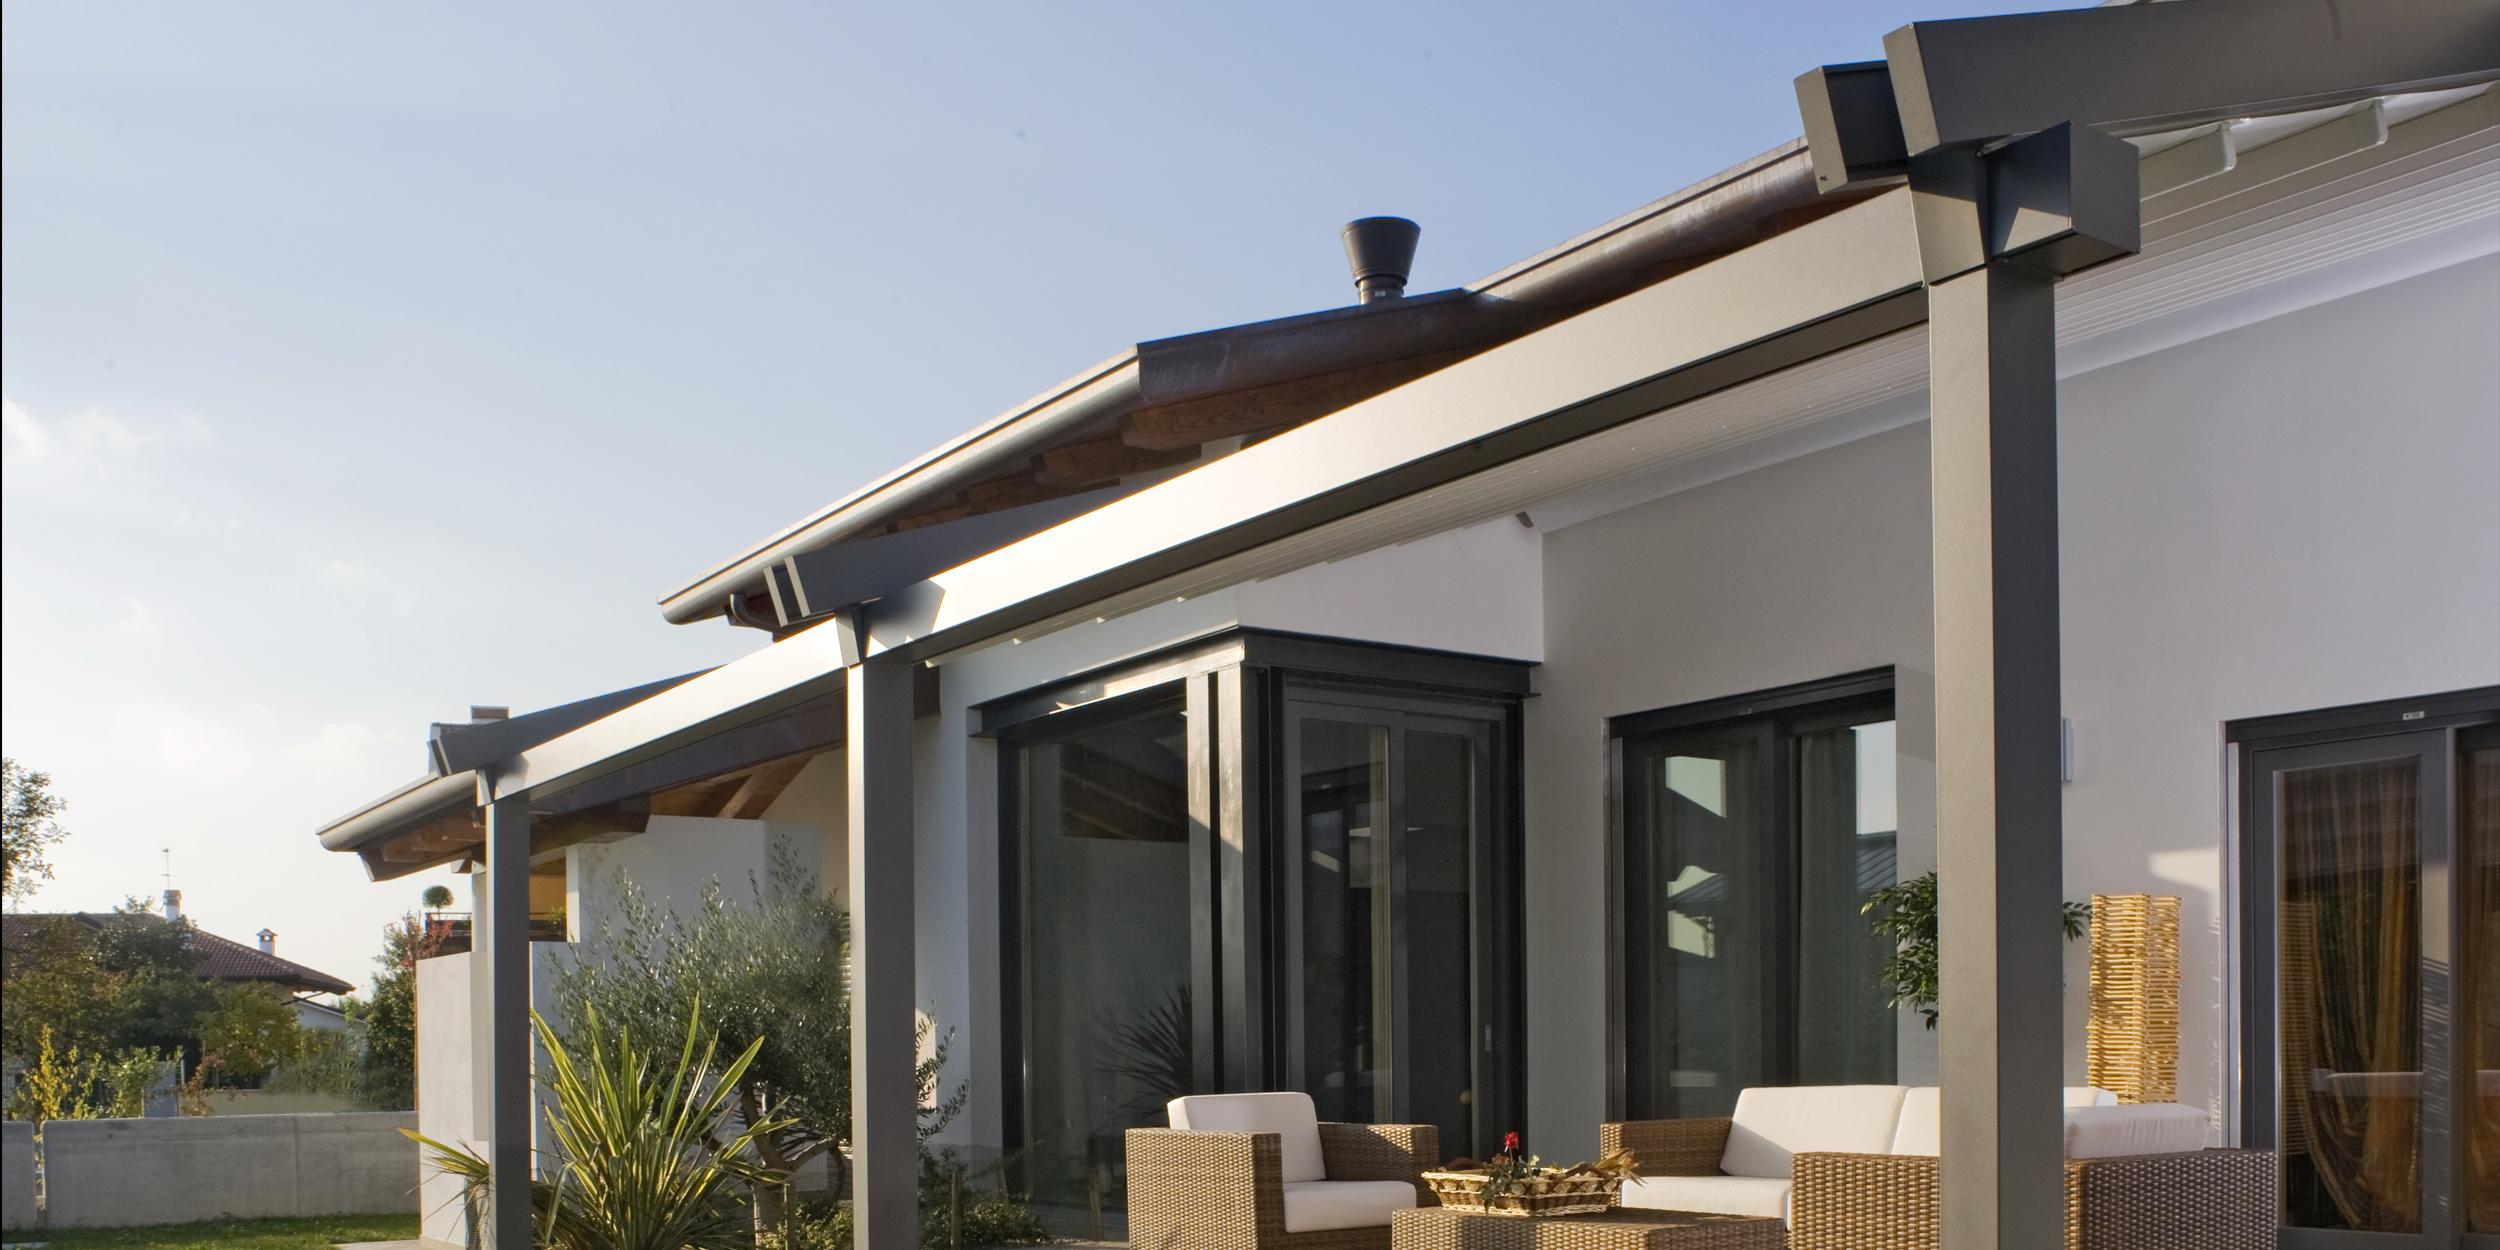 Pergola infinity pergola apribile dal design lineare e for Piani tetto veranda protette